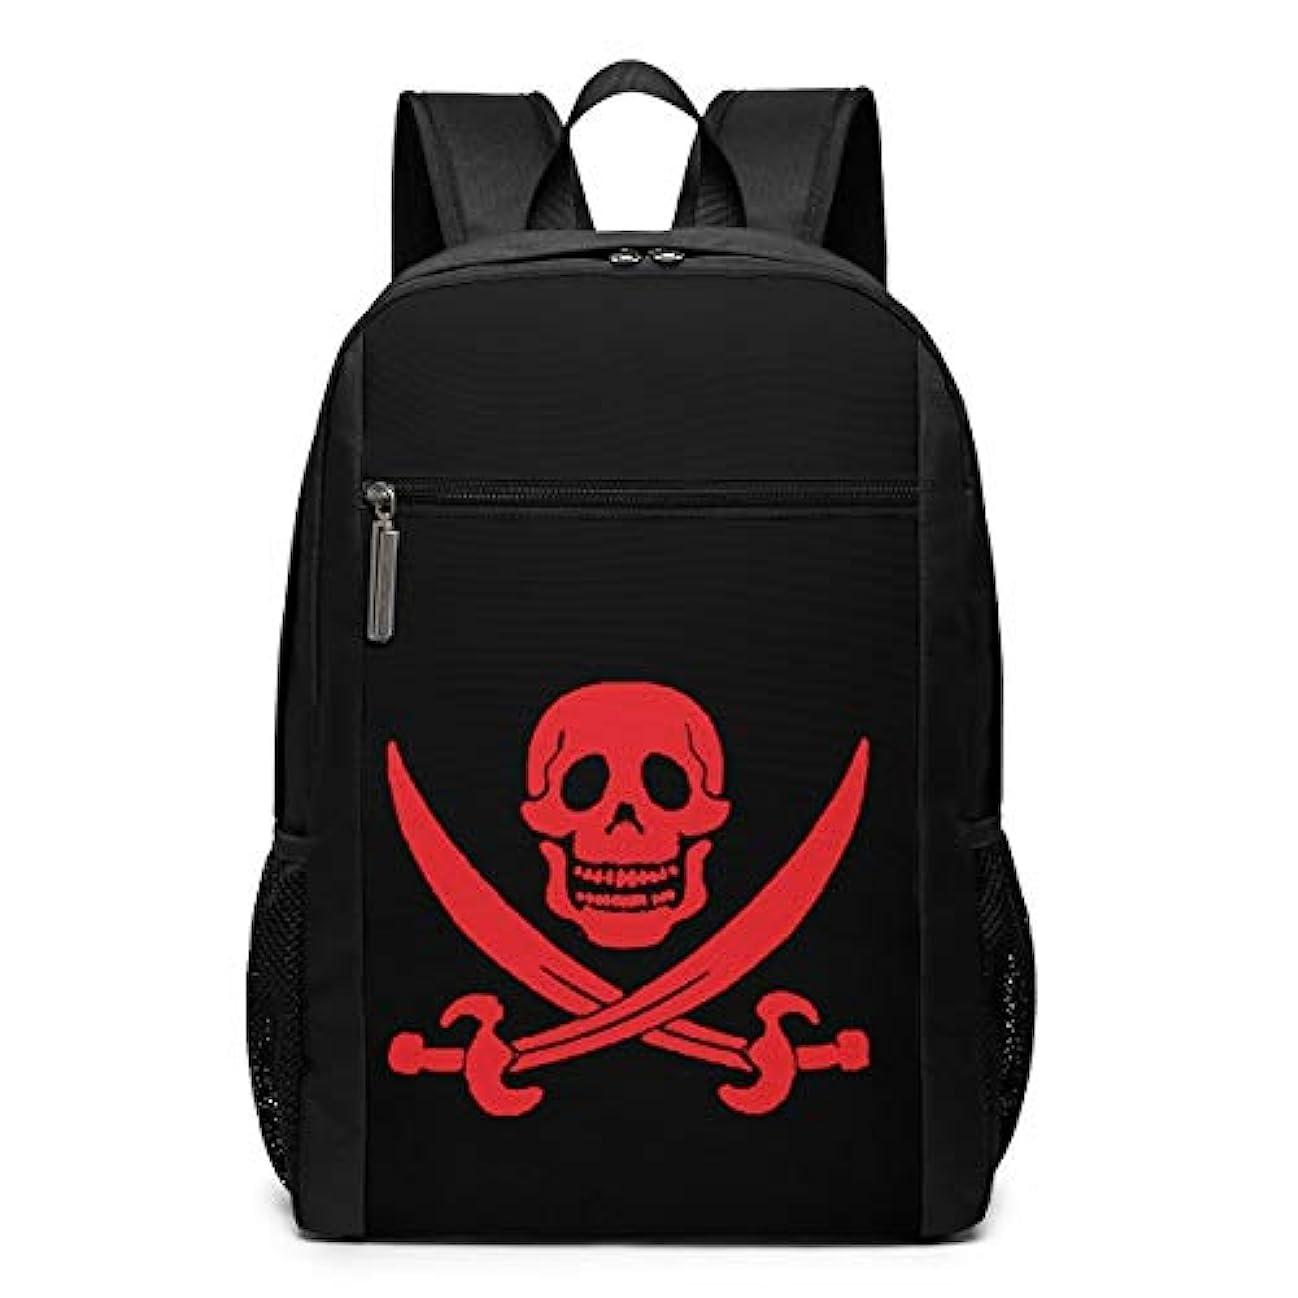 パウダー階層いうMy Life リュックサック 海賊 アンカー スカル メンズ バックパック リ ュック デイパック 大 おしゃれ 出張/旅行/通勤/アウトドアに適用 大容量 多機能 人気 学生 高校生 (17インチ)